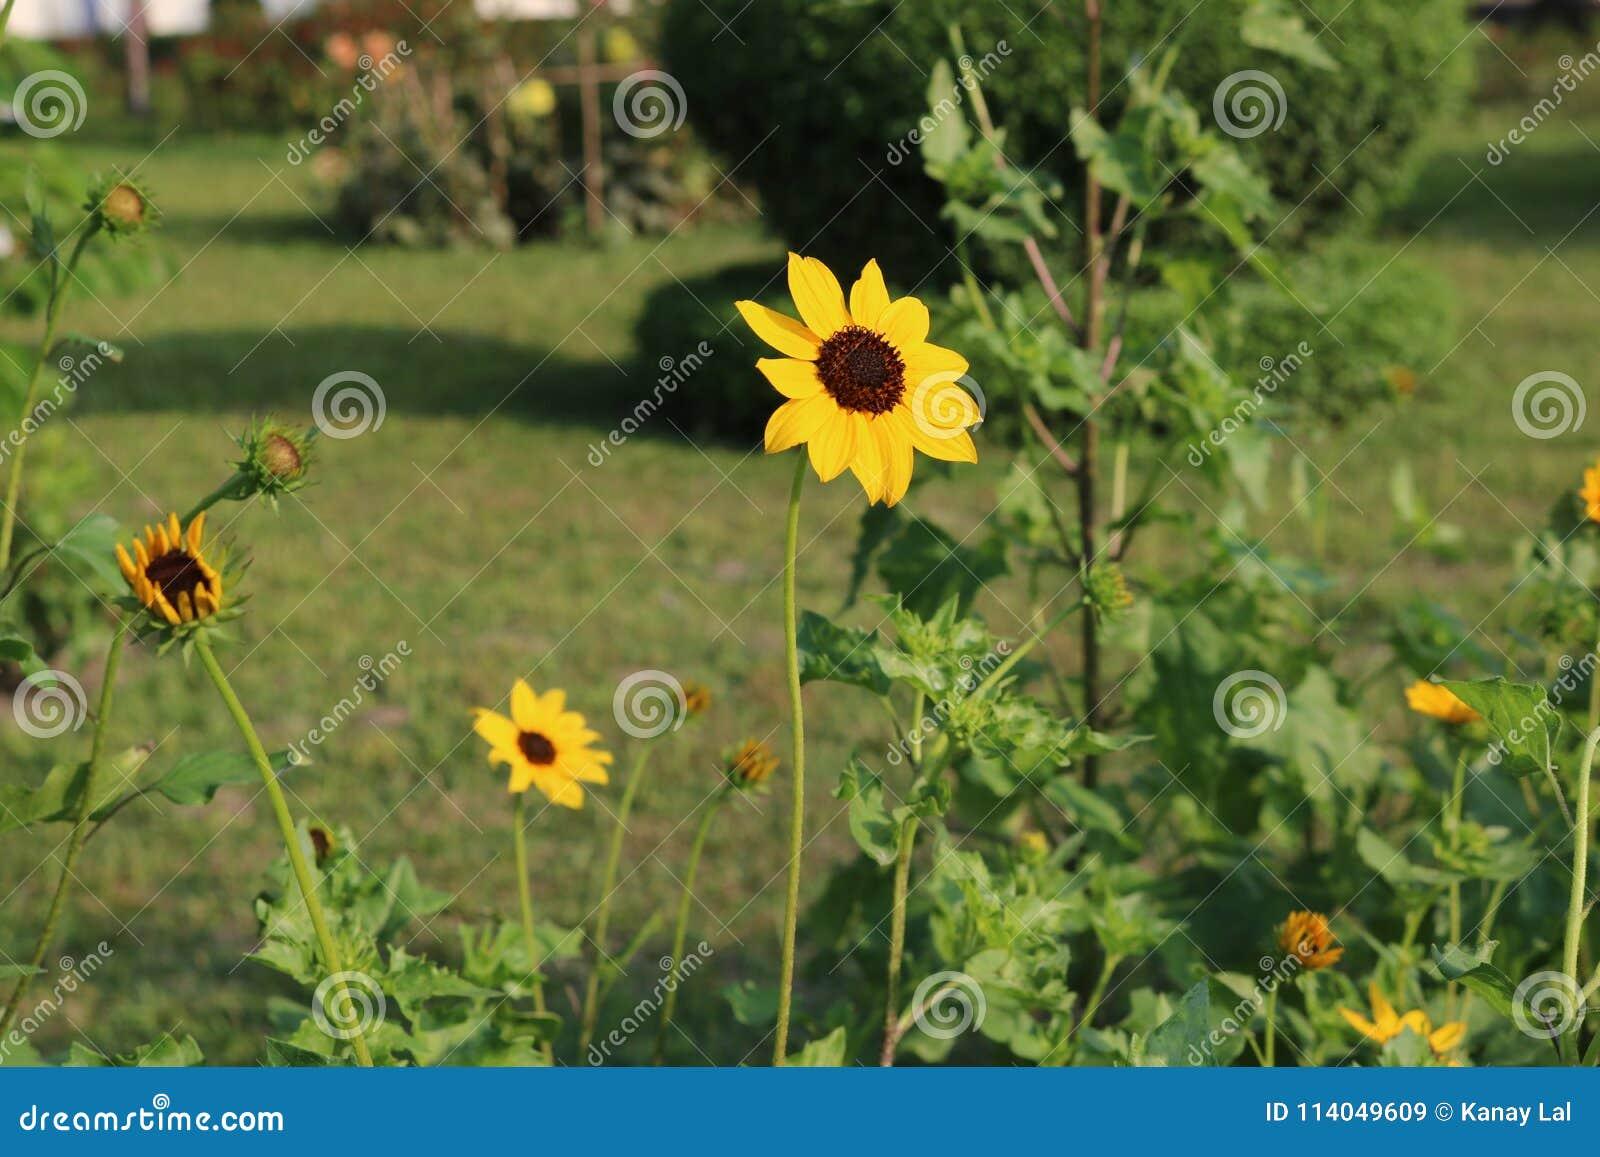 Mooie Gele Zonnebloem in Bangladesh Dit die beeld door me van Rangpur Jamidar Bari Flower Garden wordt gevangen